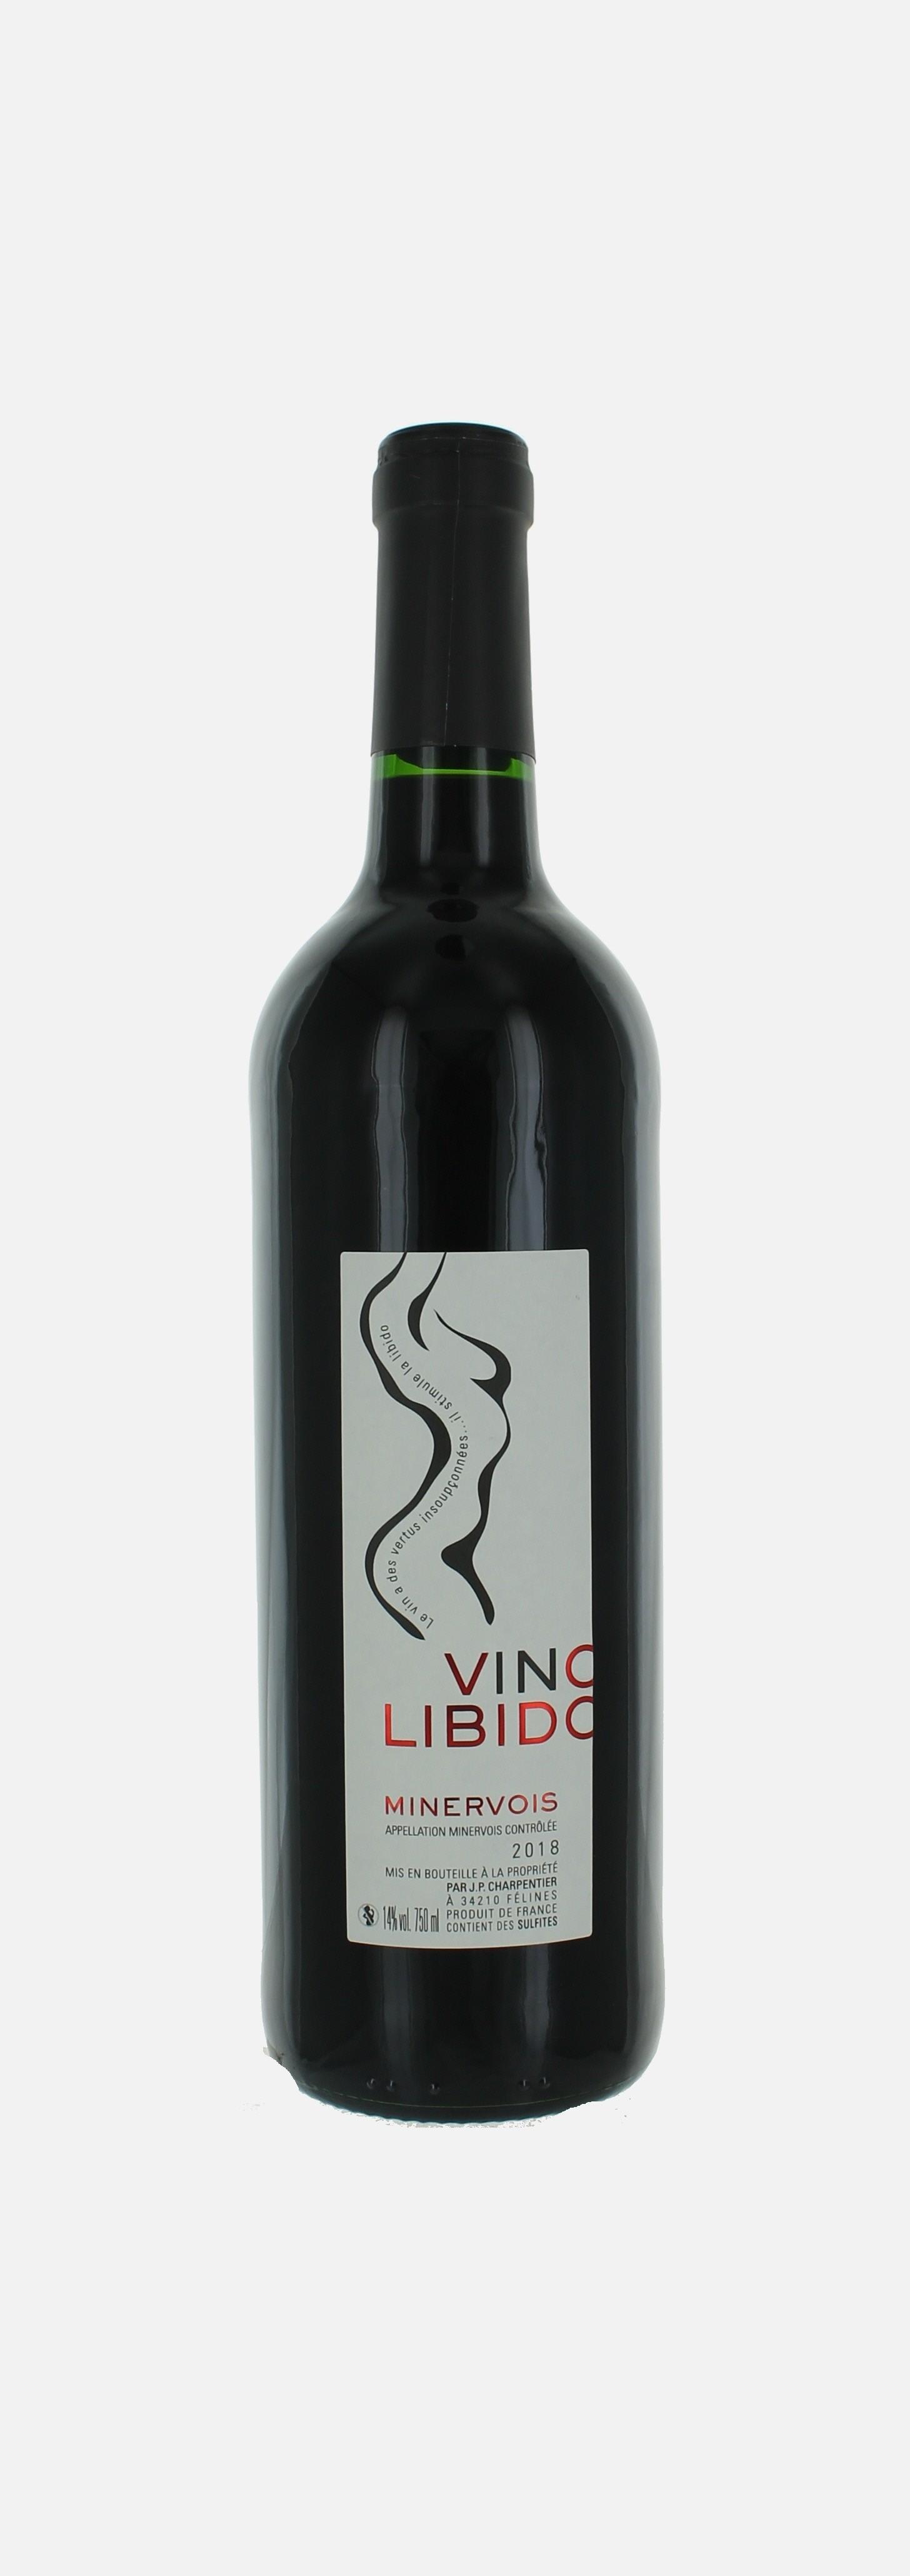 In Vino Libido, Minervois, JP Charpentier